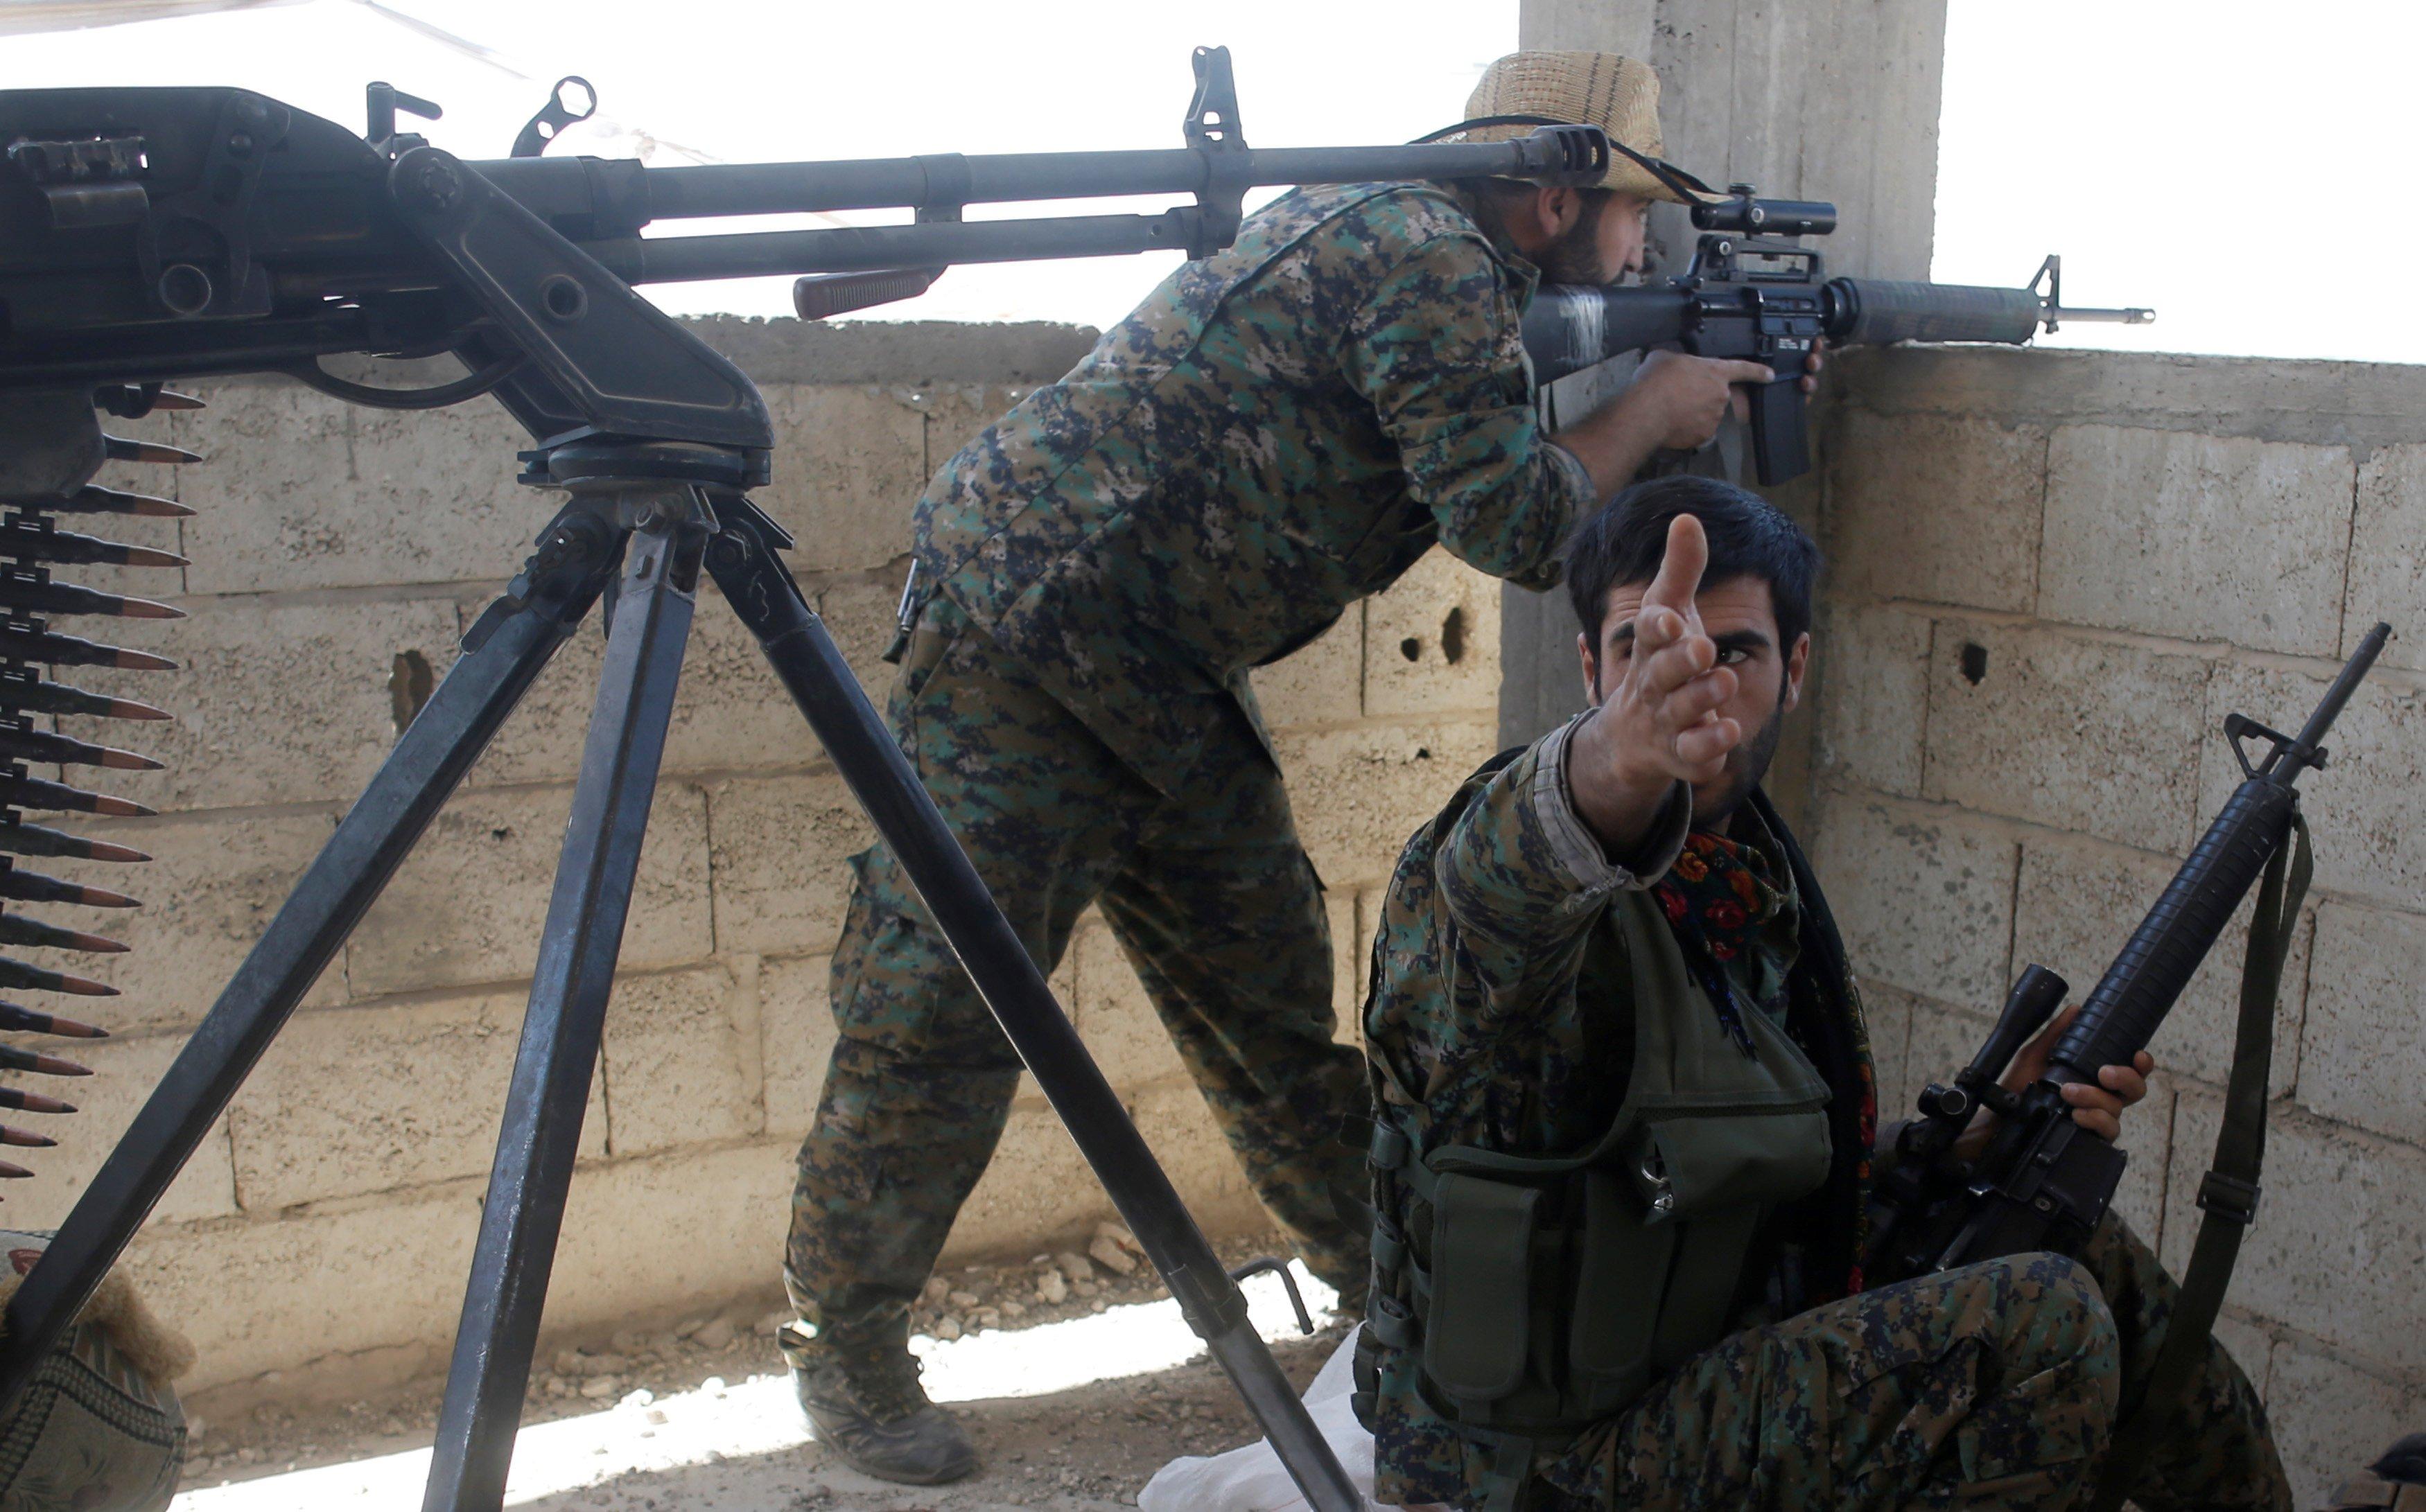 ABD'nin verdiği silahlar Türkiye'ye karşı kullanılıyor Türkiye'ye karşı ABD'nin verdiği silahlar kullanılıyor abdnin verdigi silahlar turkiyeye karsi kullaniliyor